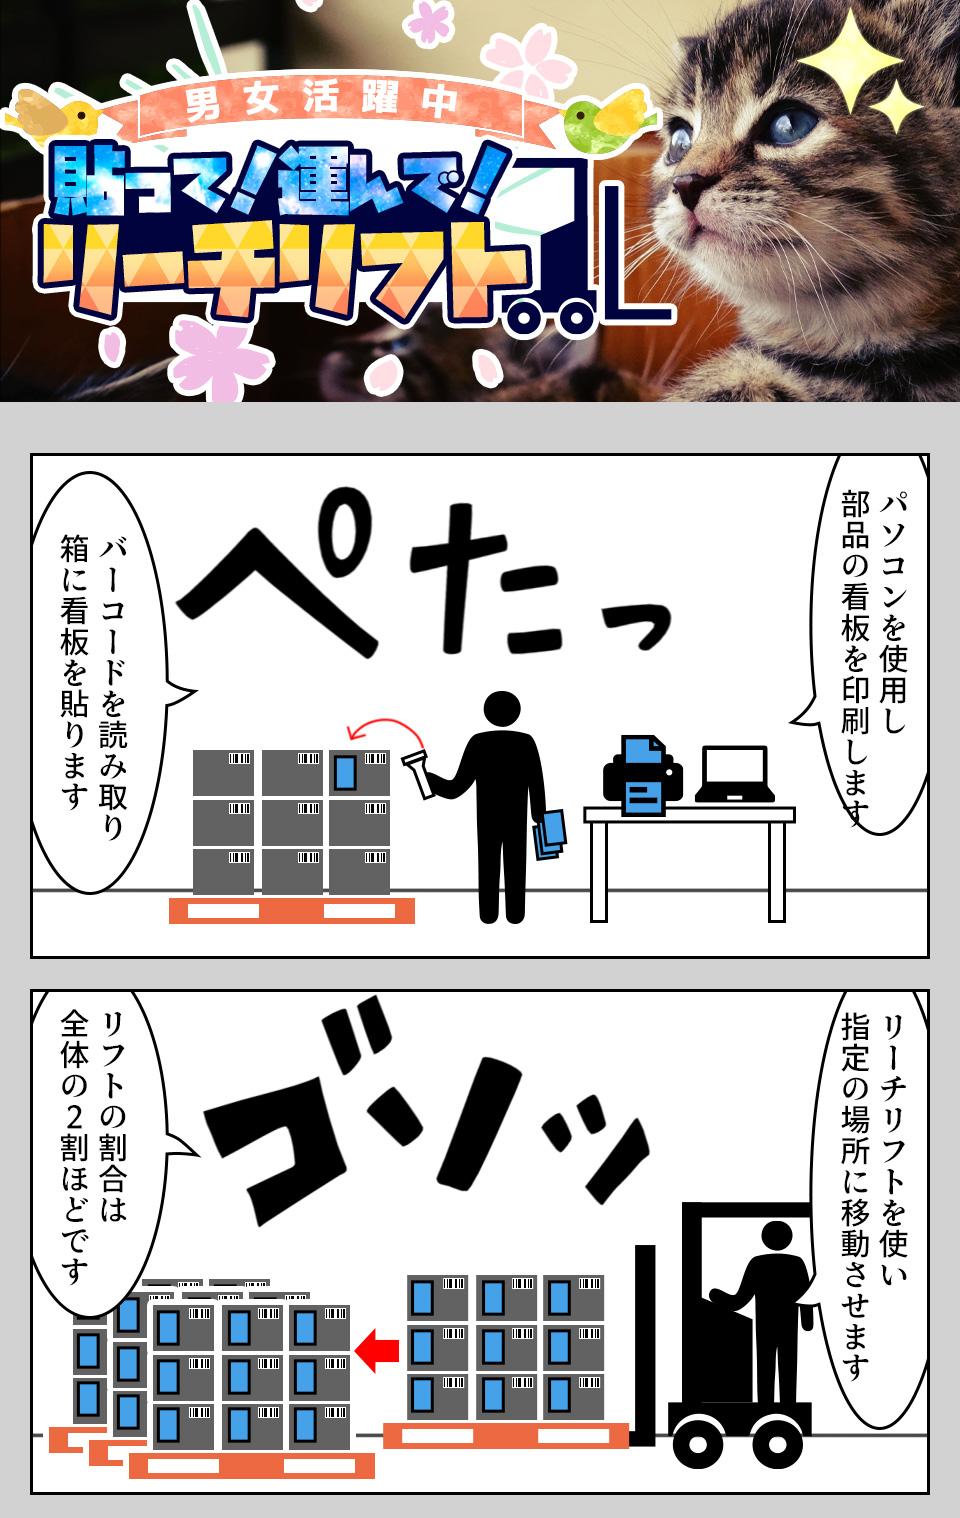 リーチリフト作業 愛知県豊田市の派遣社員求人